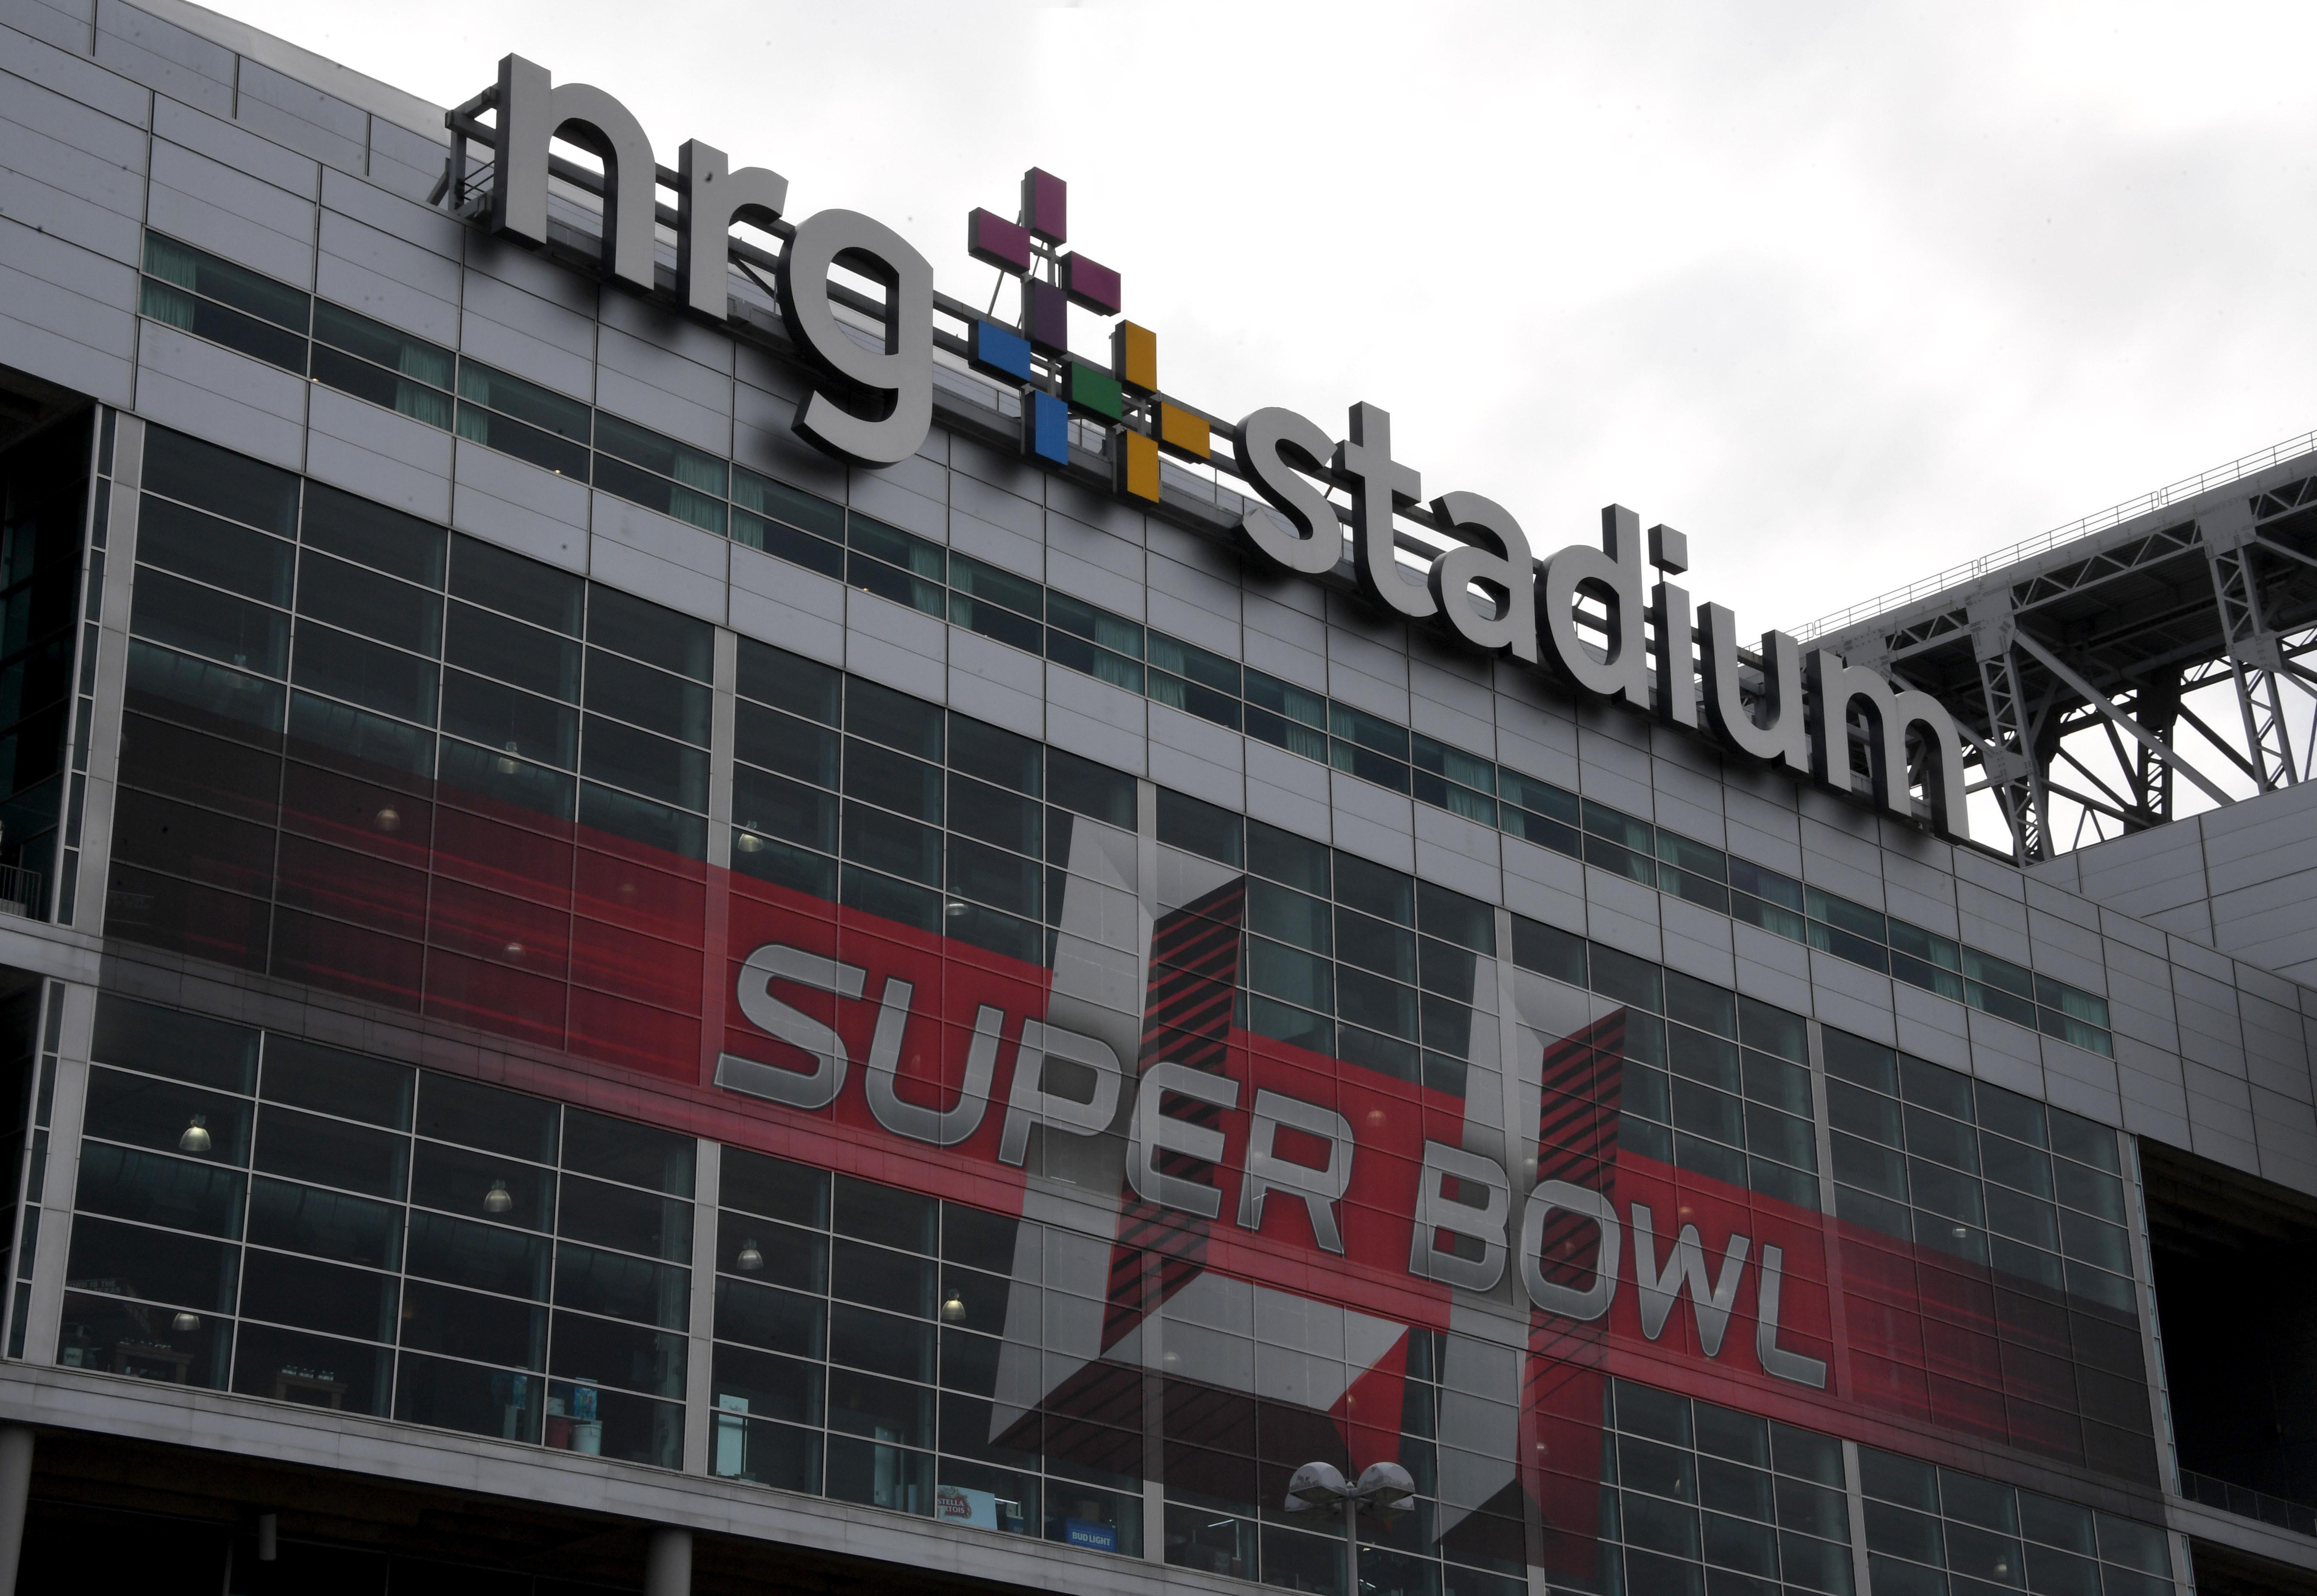 NFL: Super Bowl LI-Stadium Features